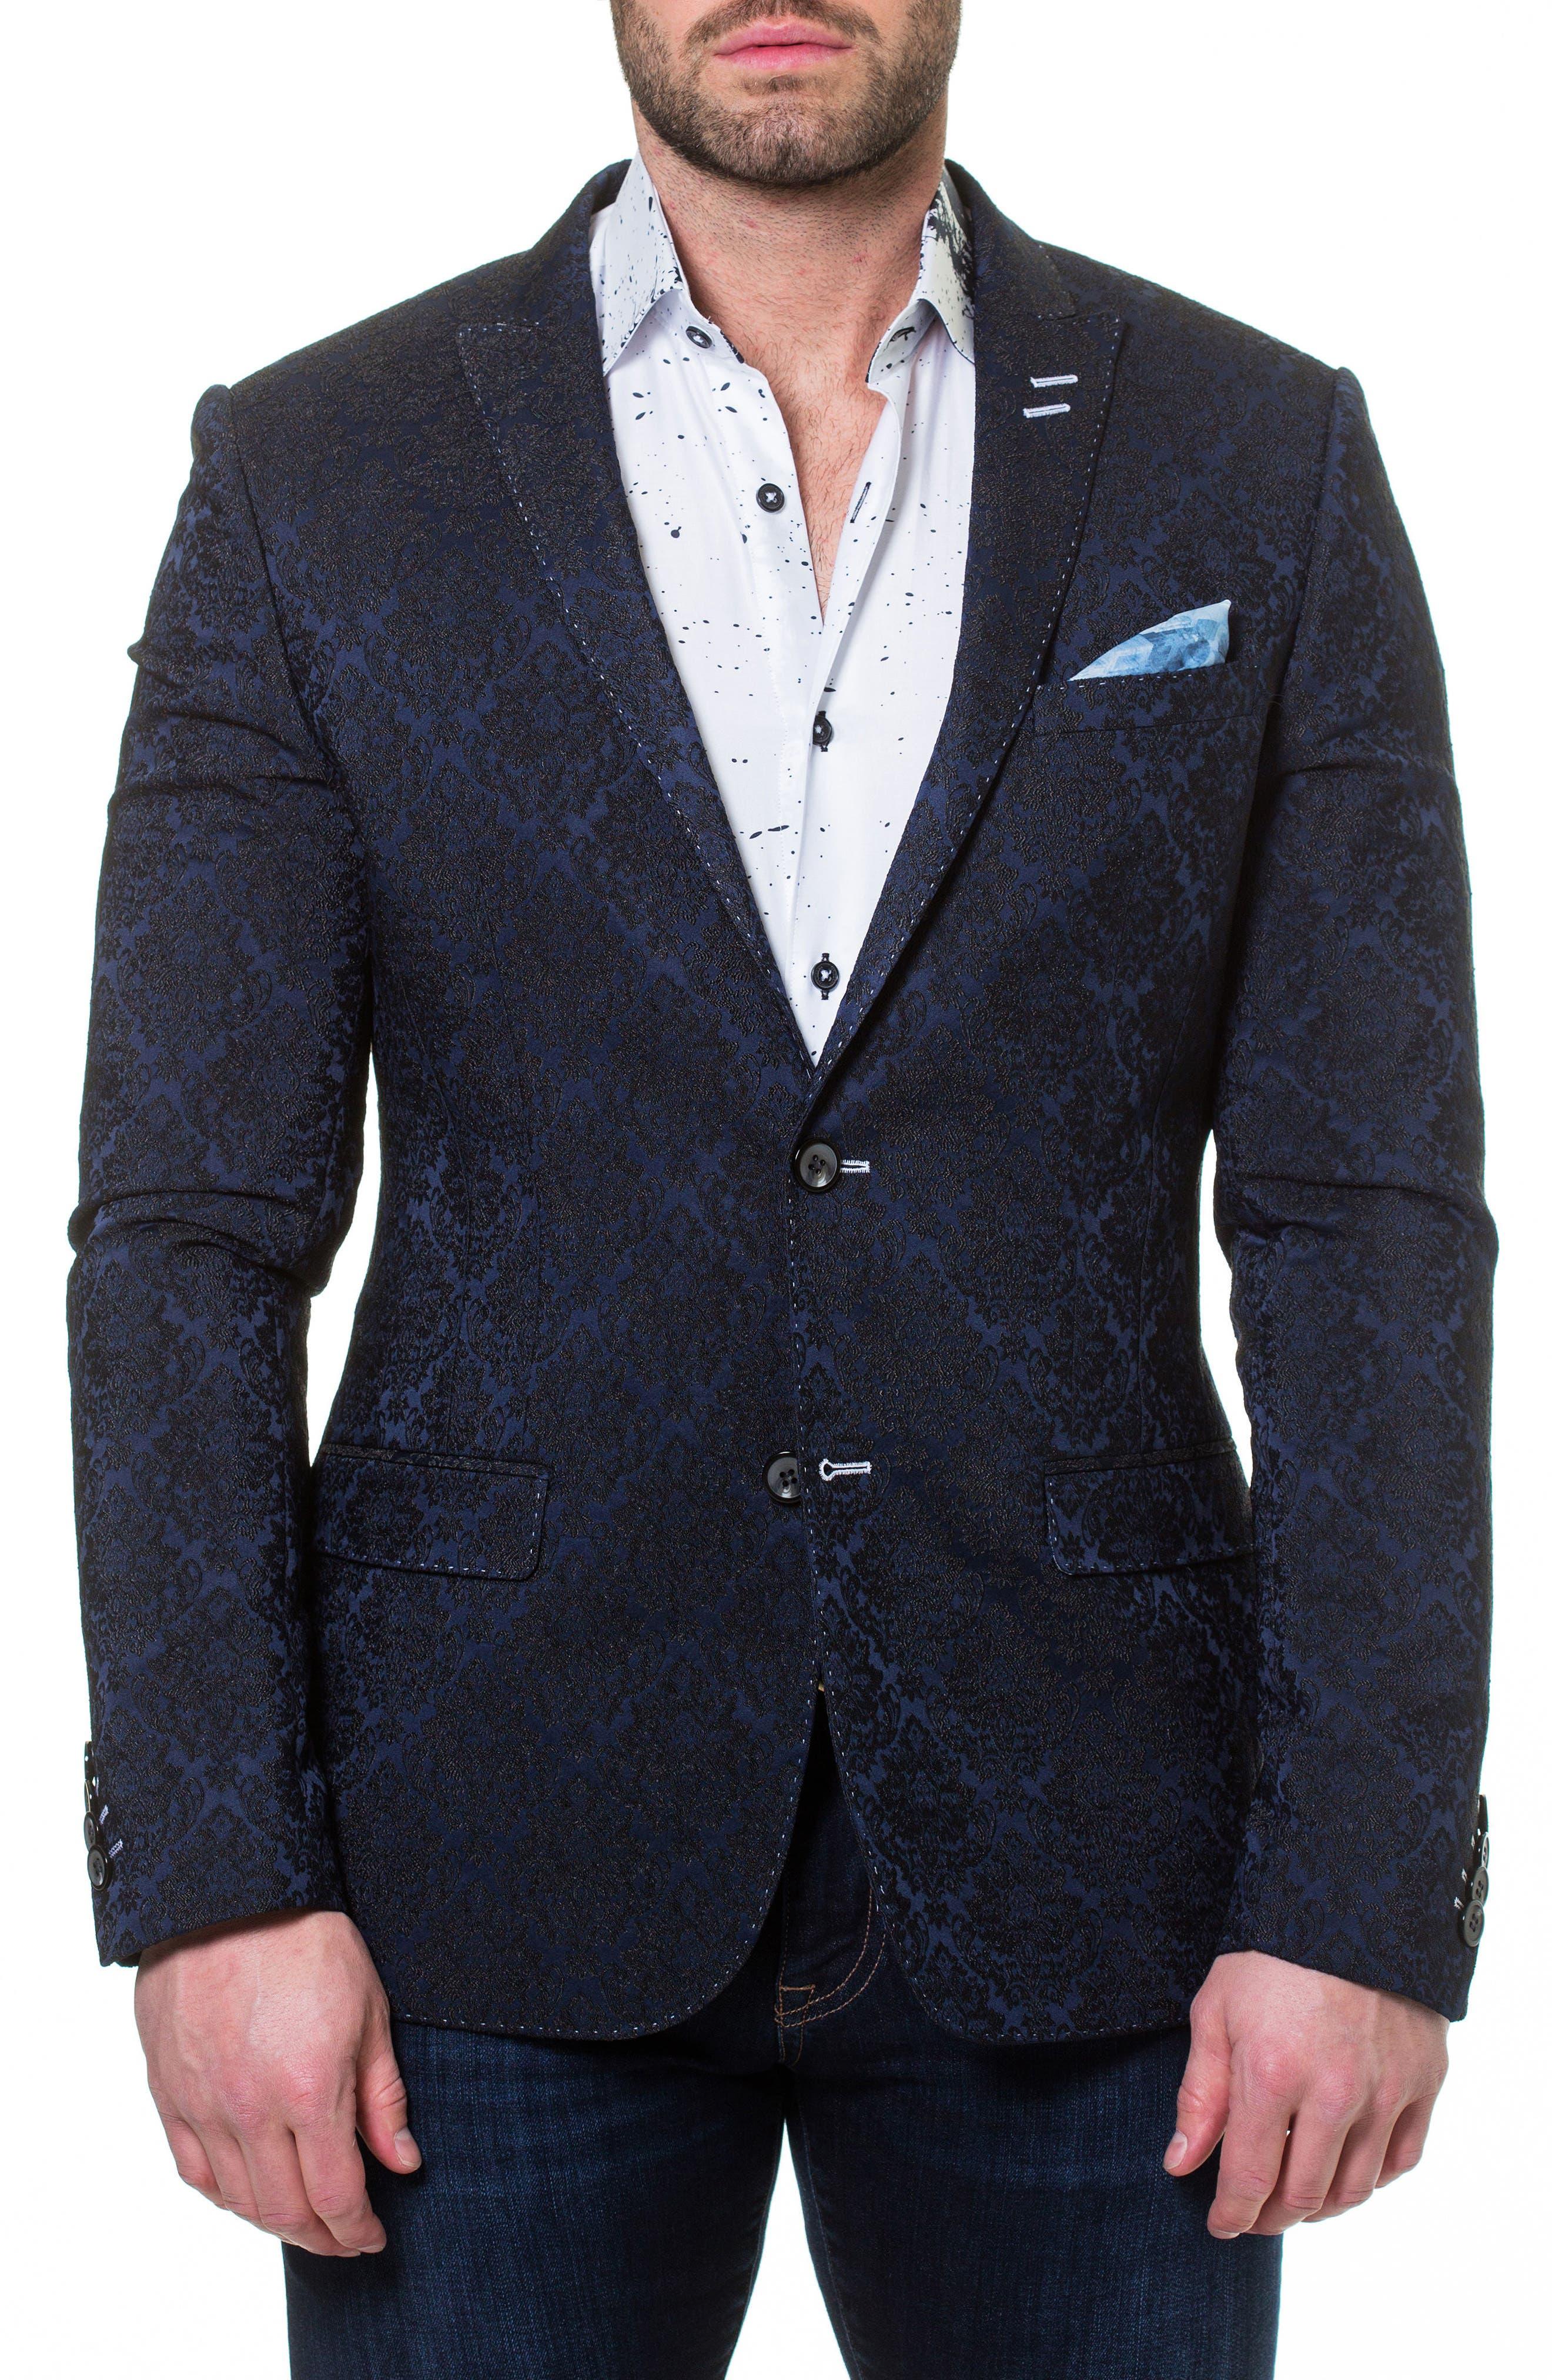 Descartes Jacquard Linen & Cotton Blend Sport Coat,                         Main,                         color, 420